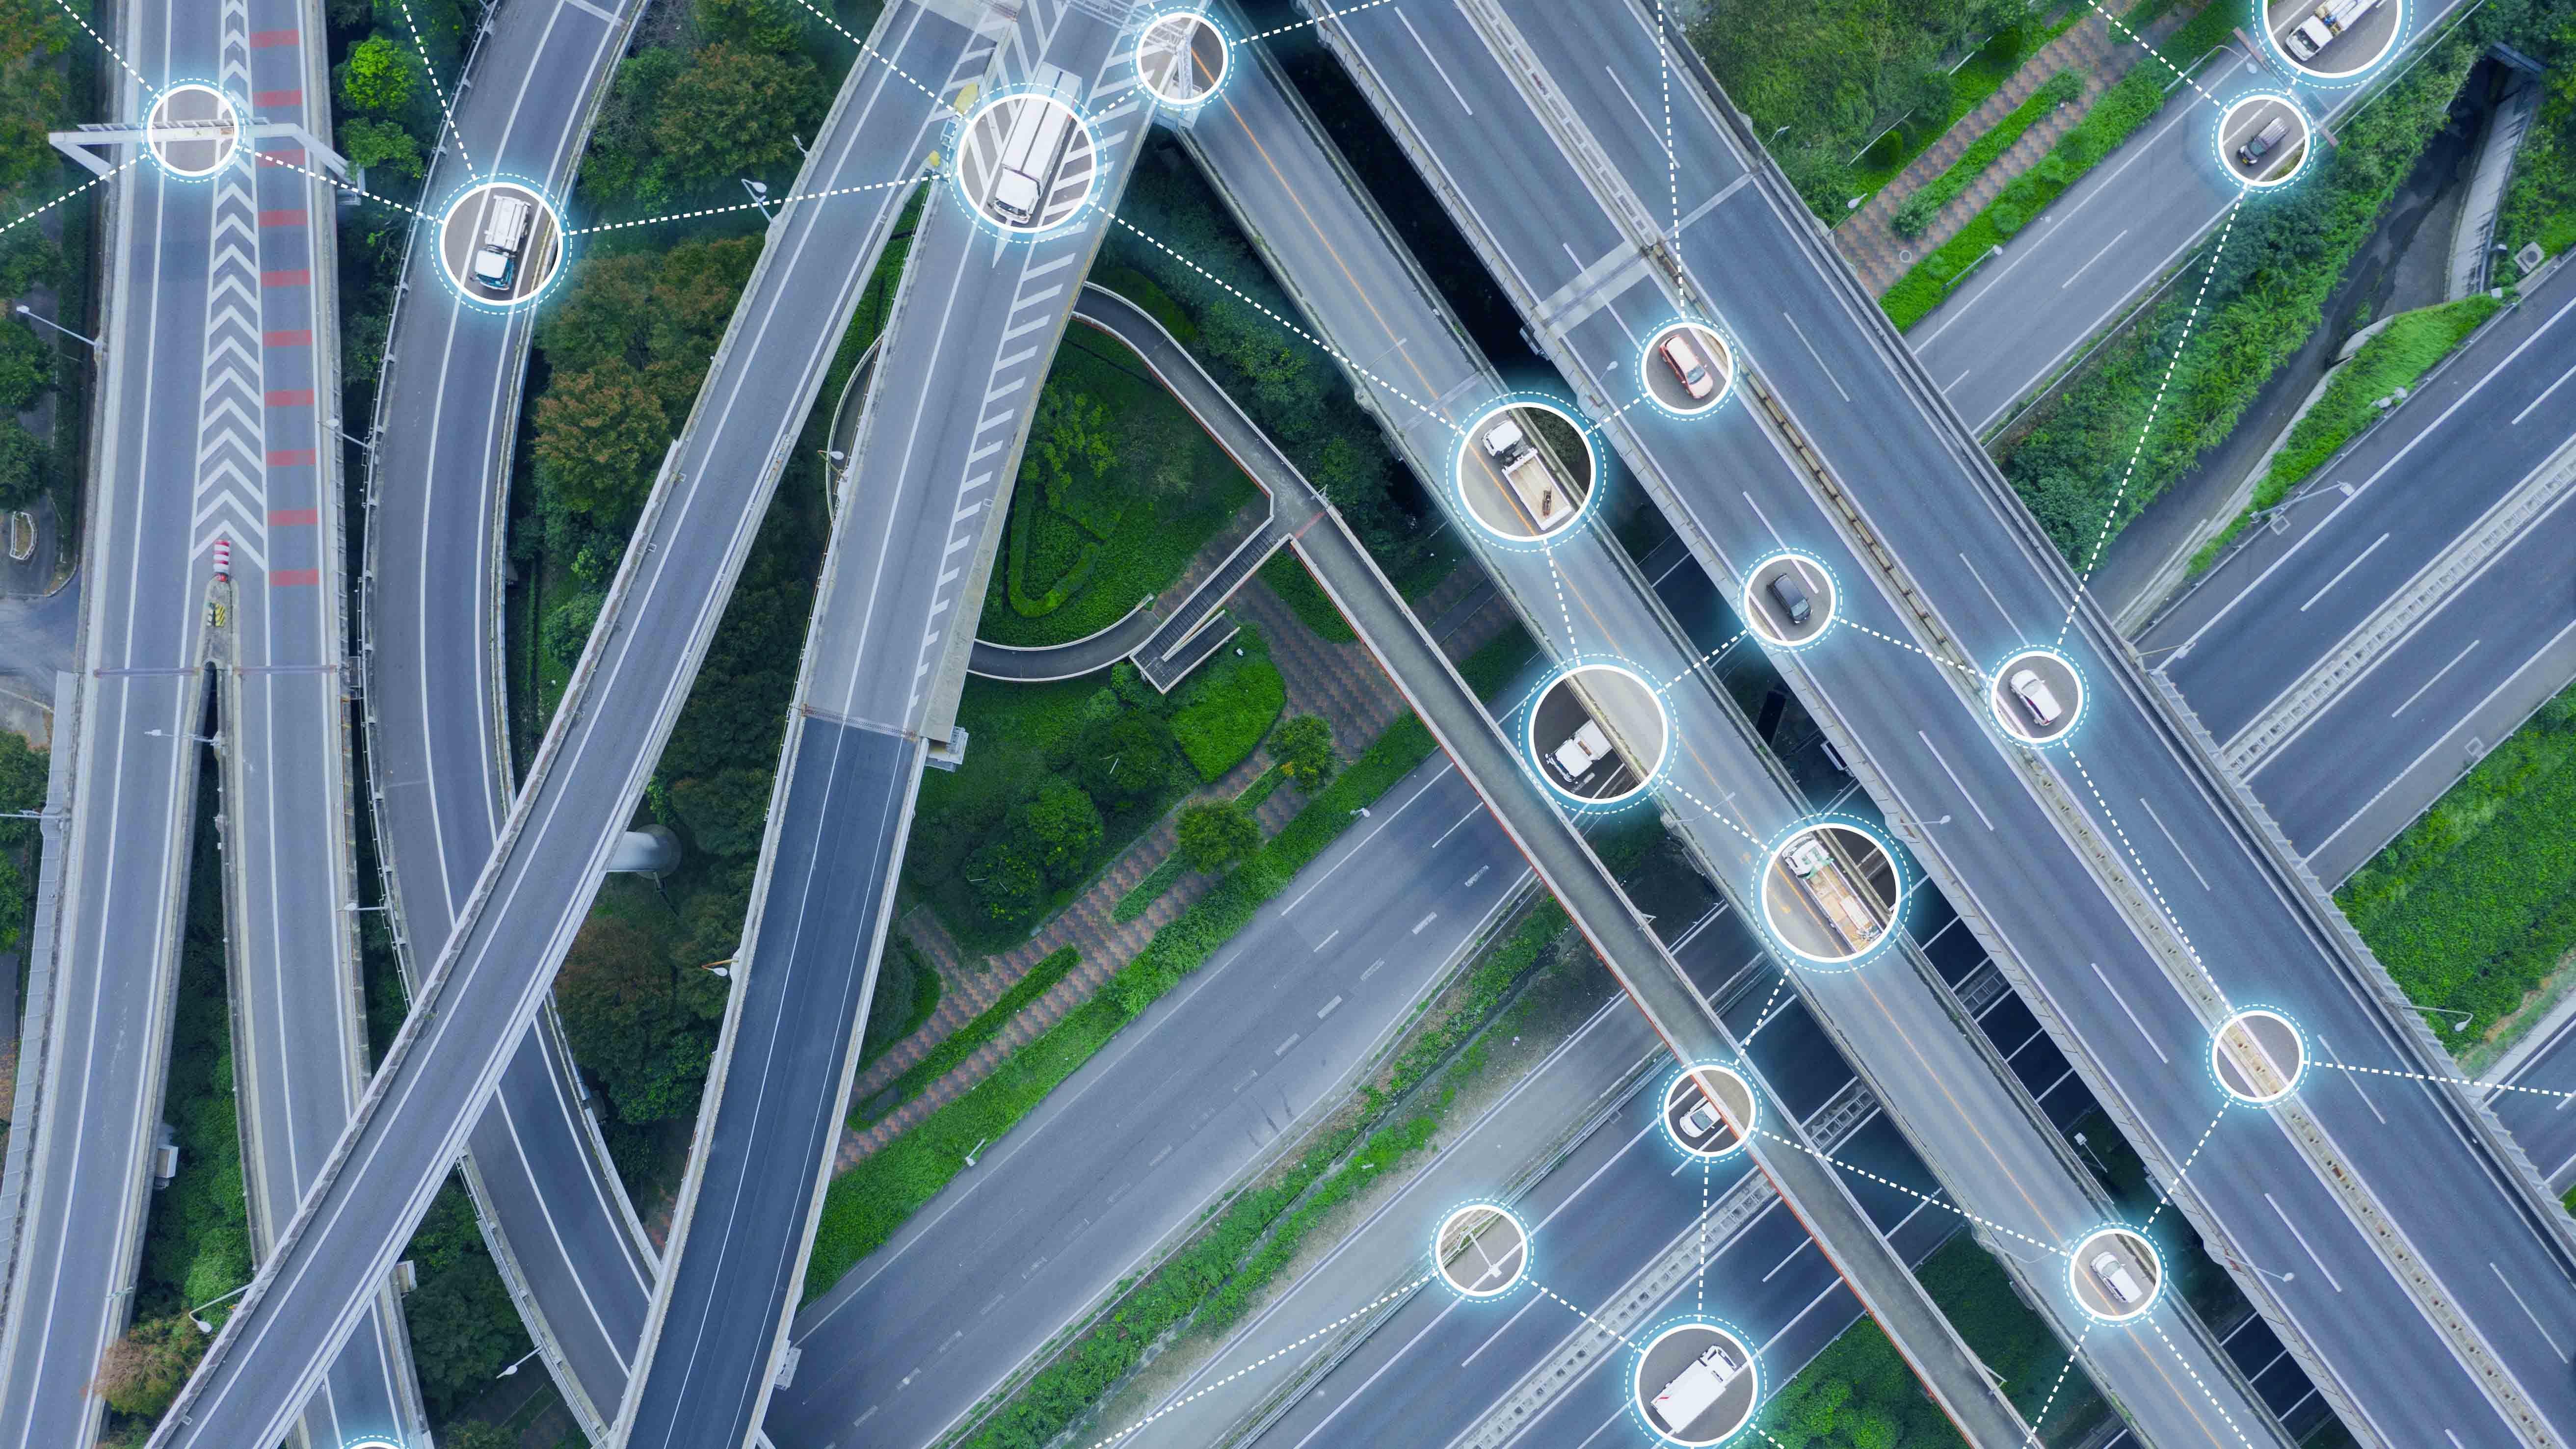 Veränderte Prämien als logische Konsequenz veränderter Mobilität?